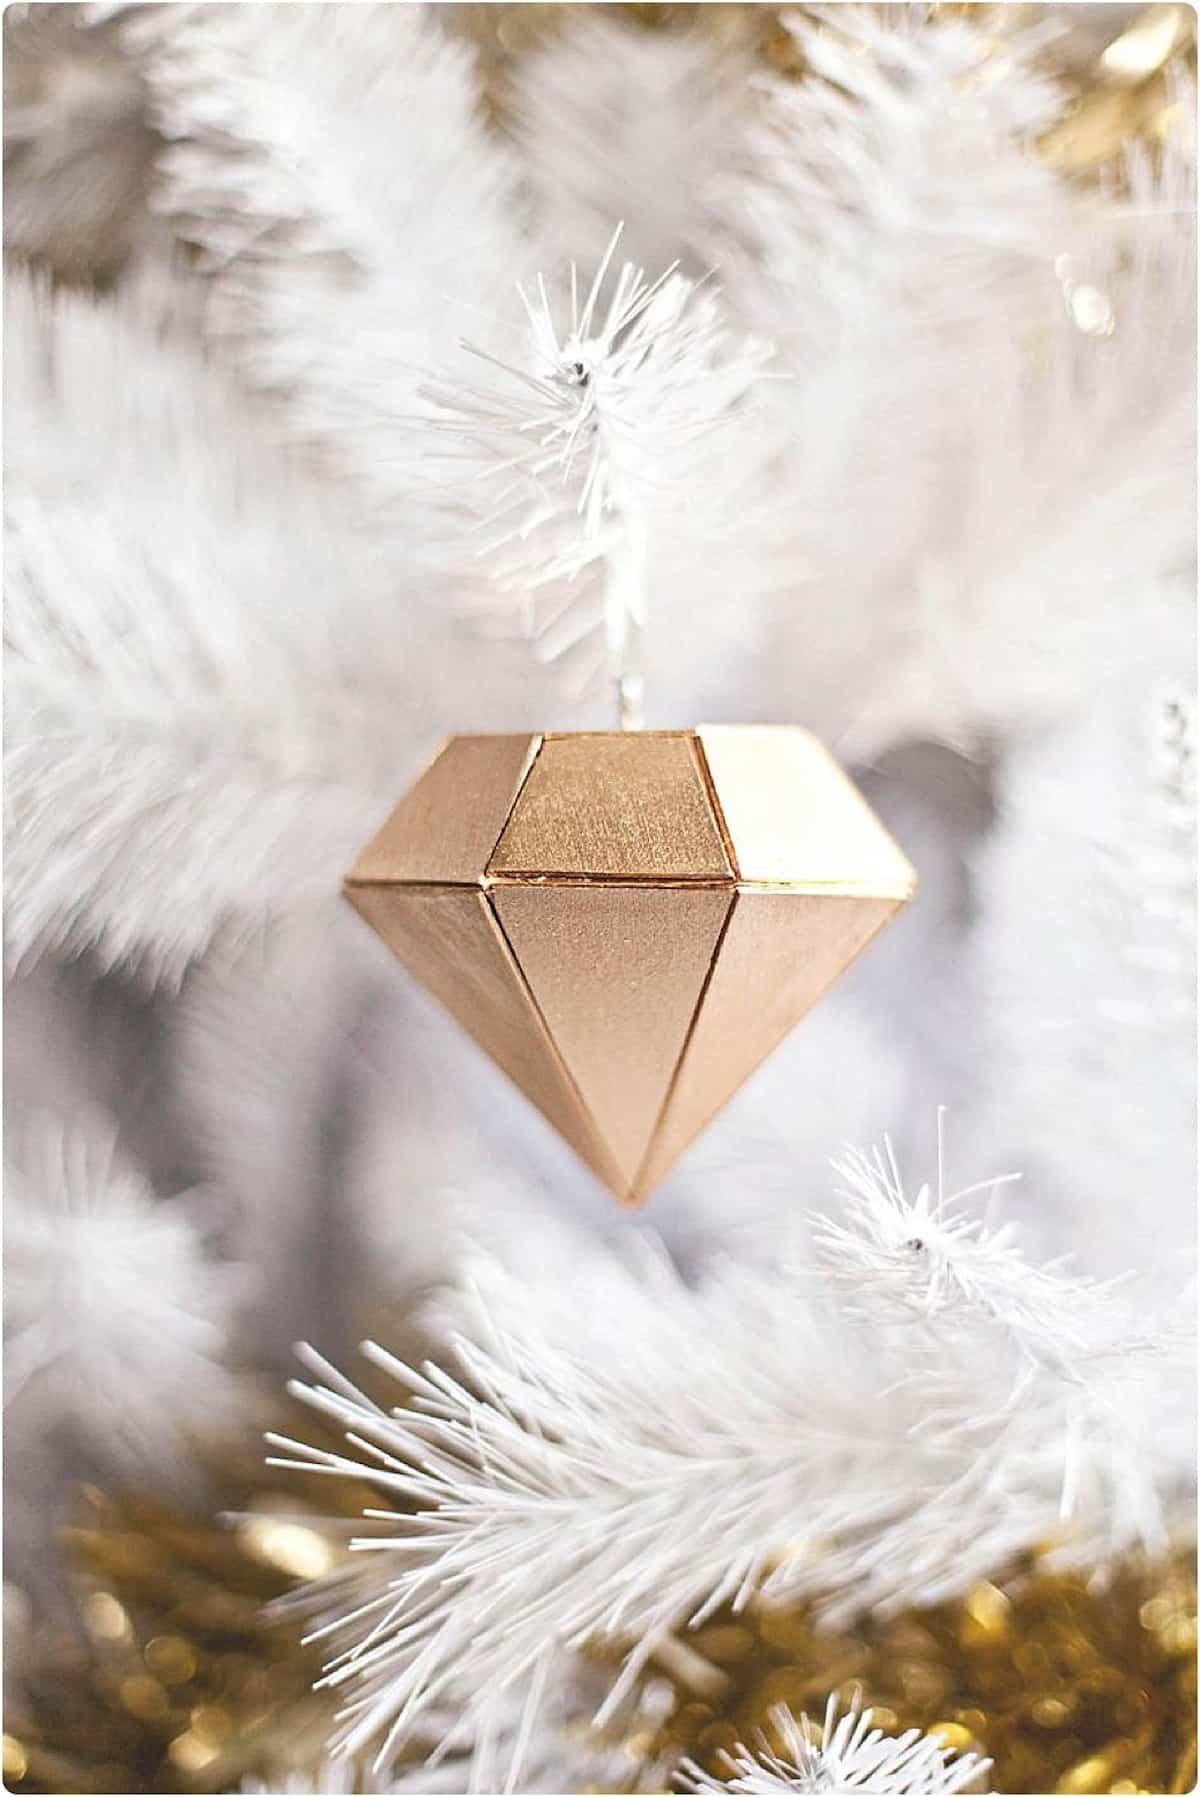 8 adornos de navidad diy para una decoracion original 7